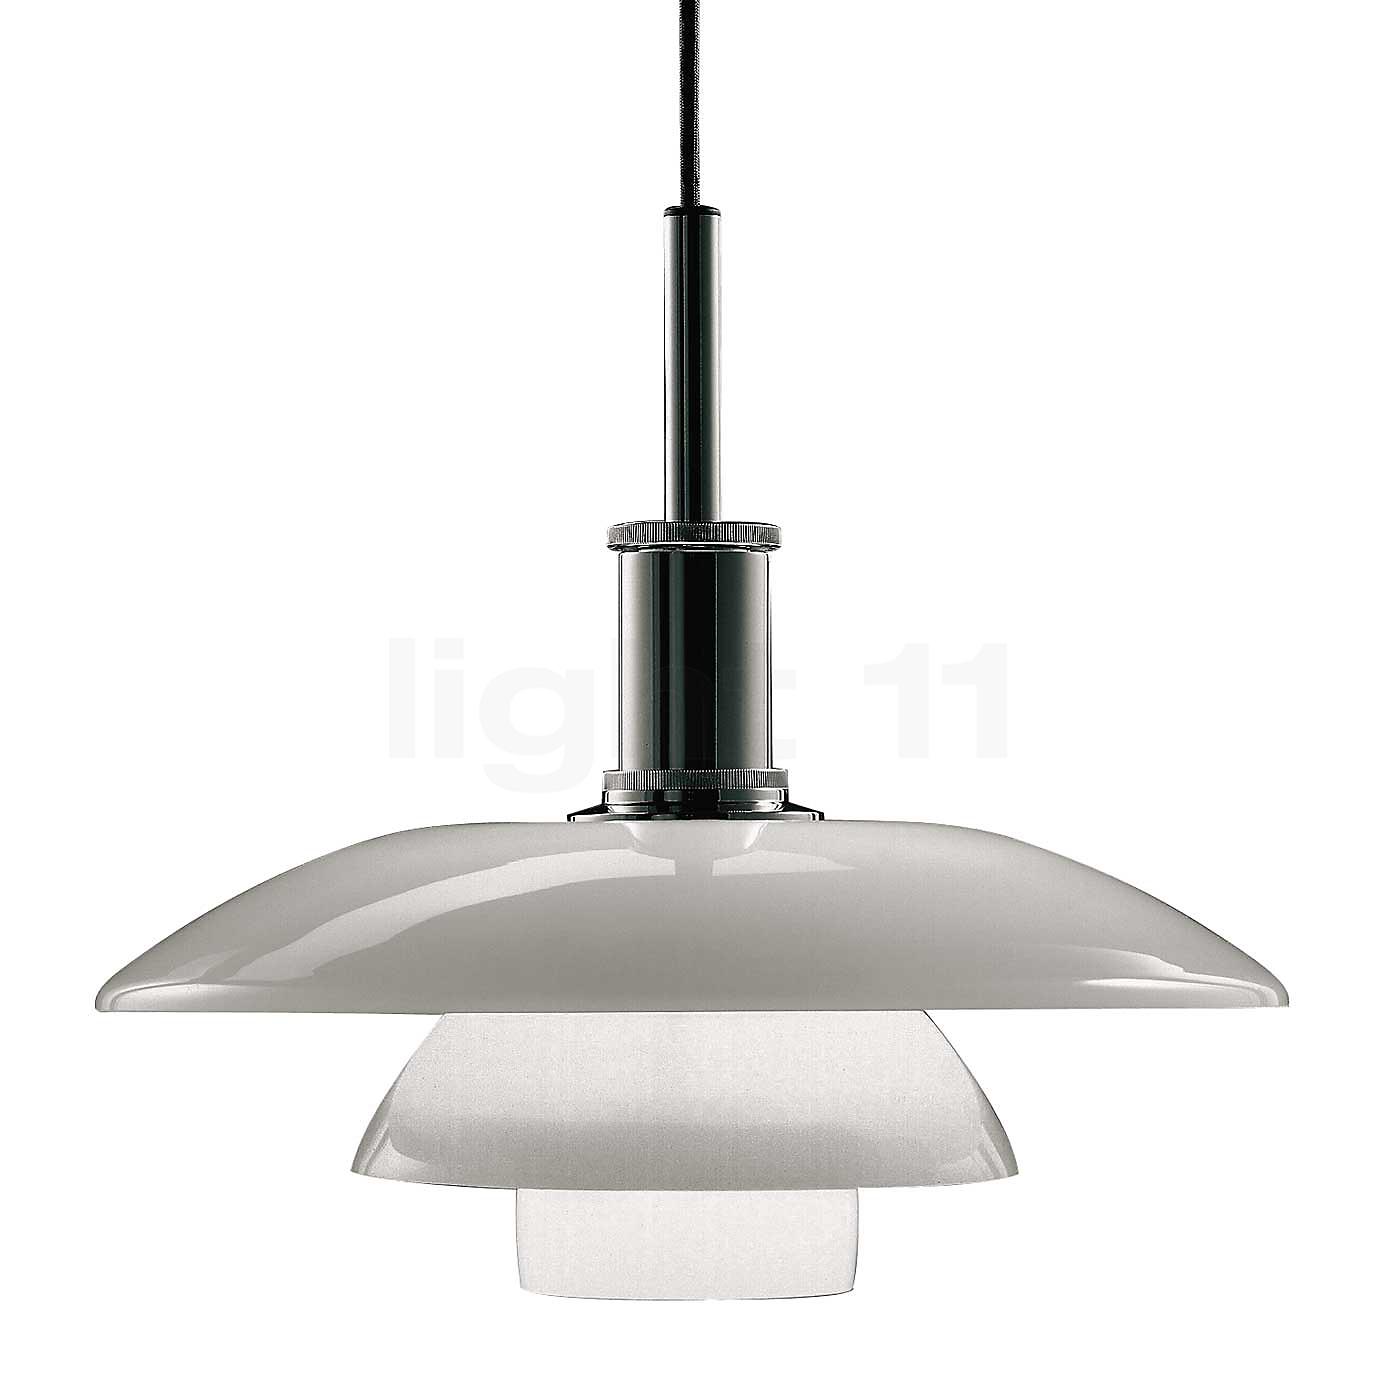 louis poulsen ph 4 4 glas suspension lampe de table en vente sur. Black Bedroom Furniture Sets. Home Design Ideas